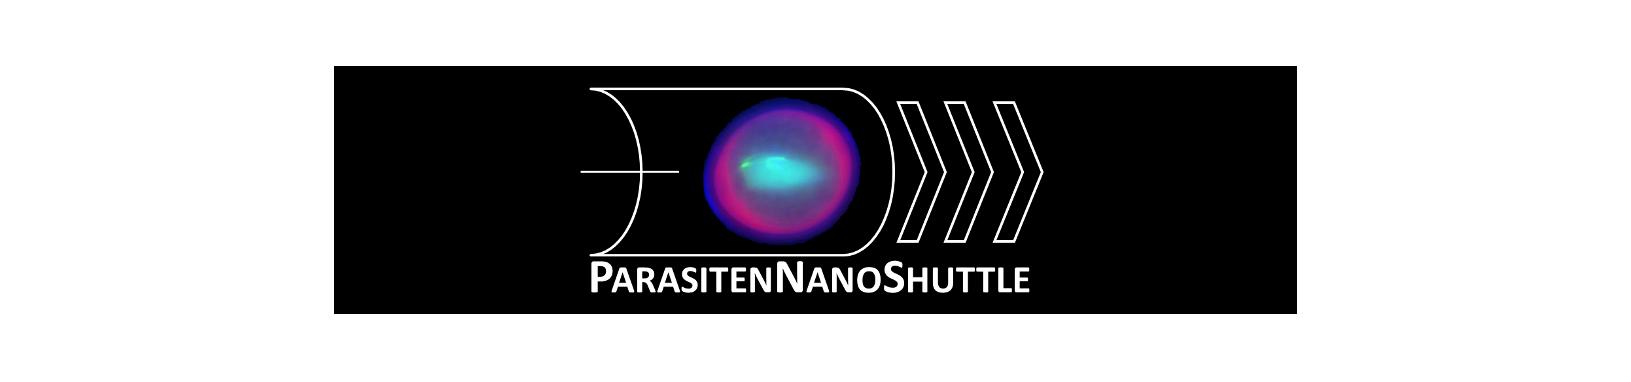 ParasitenNanoShuttle